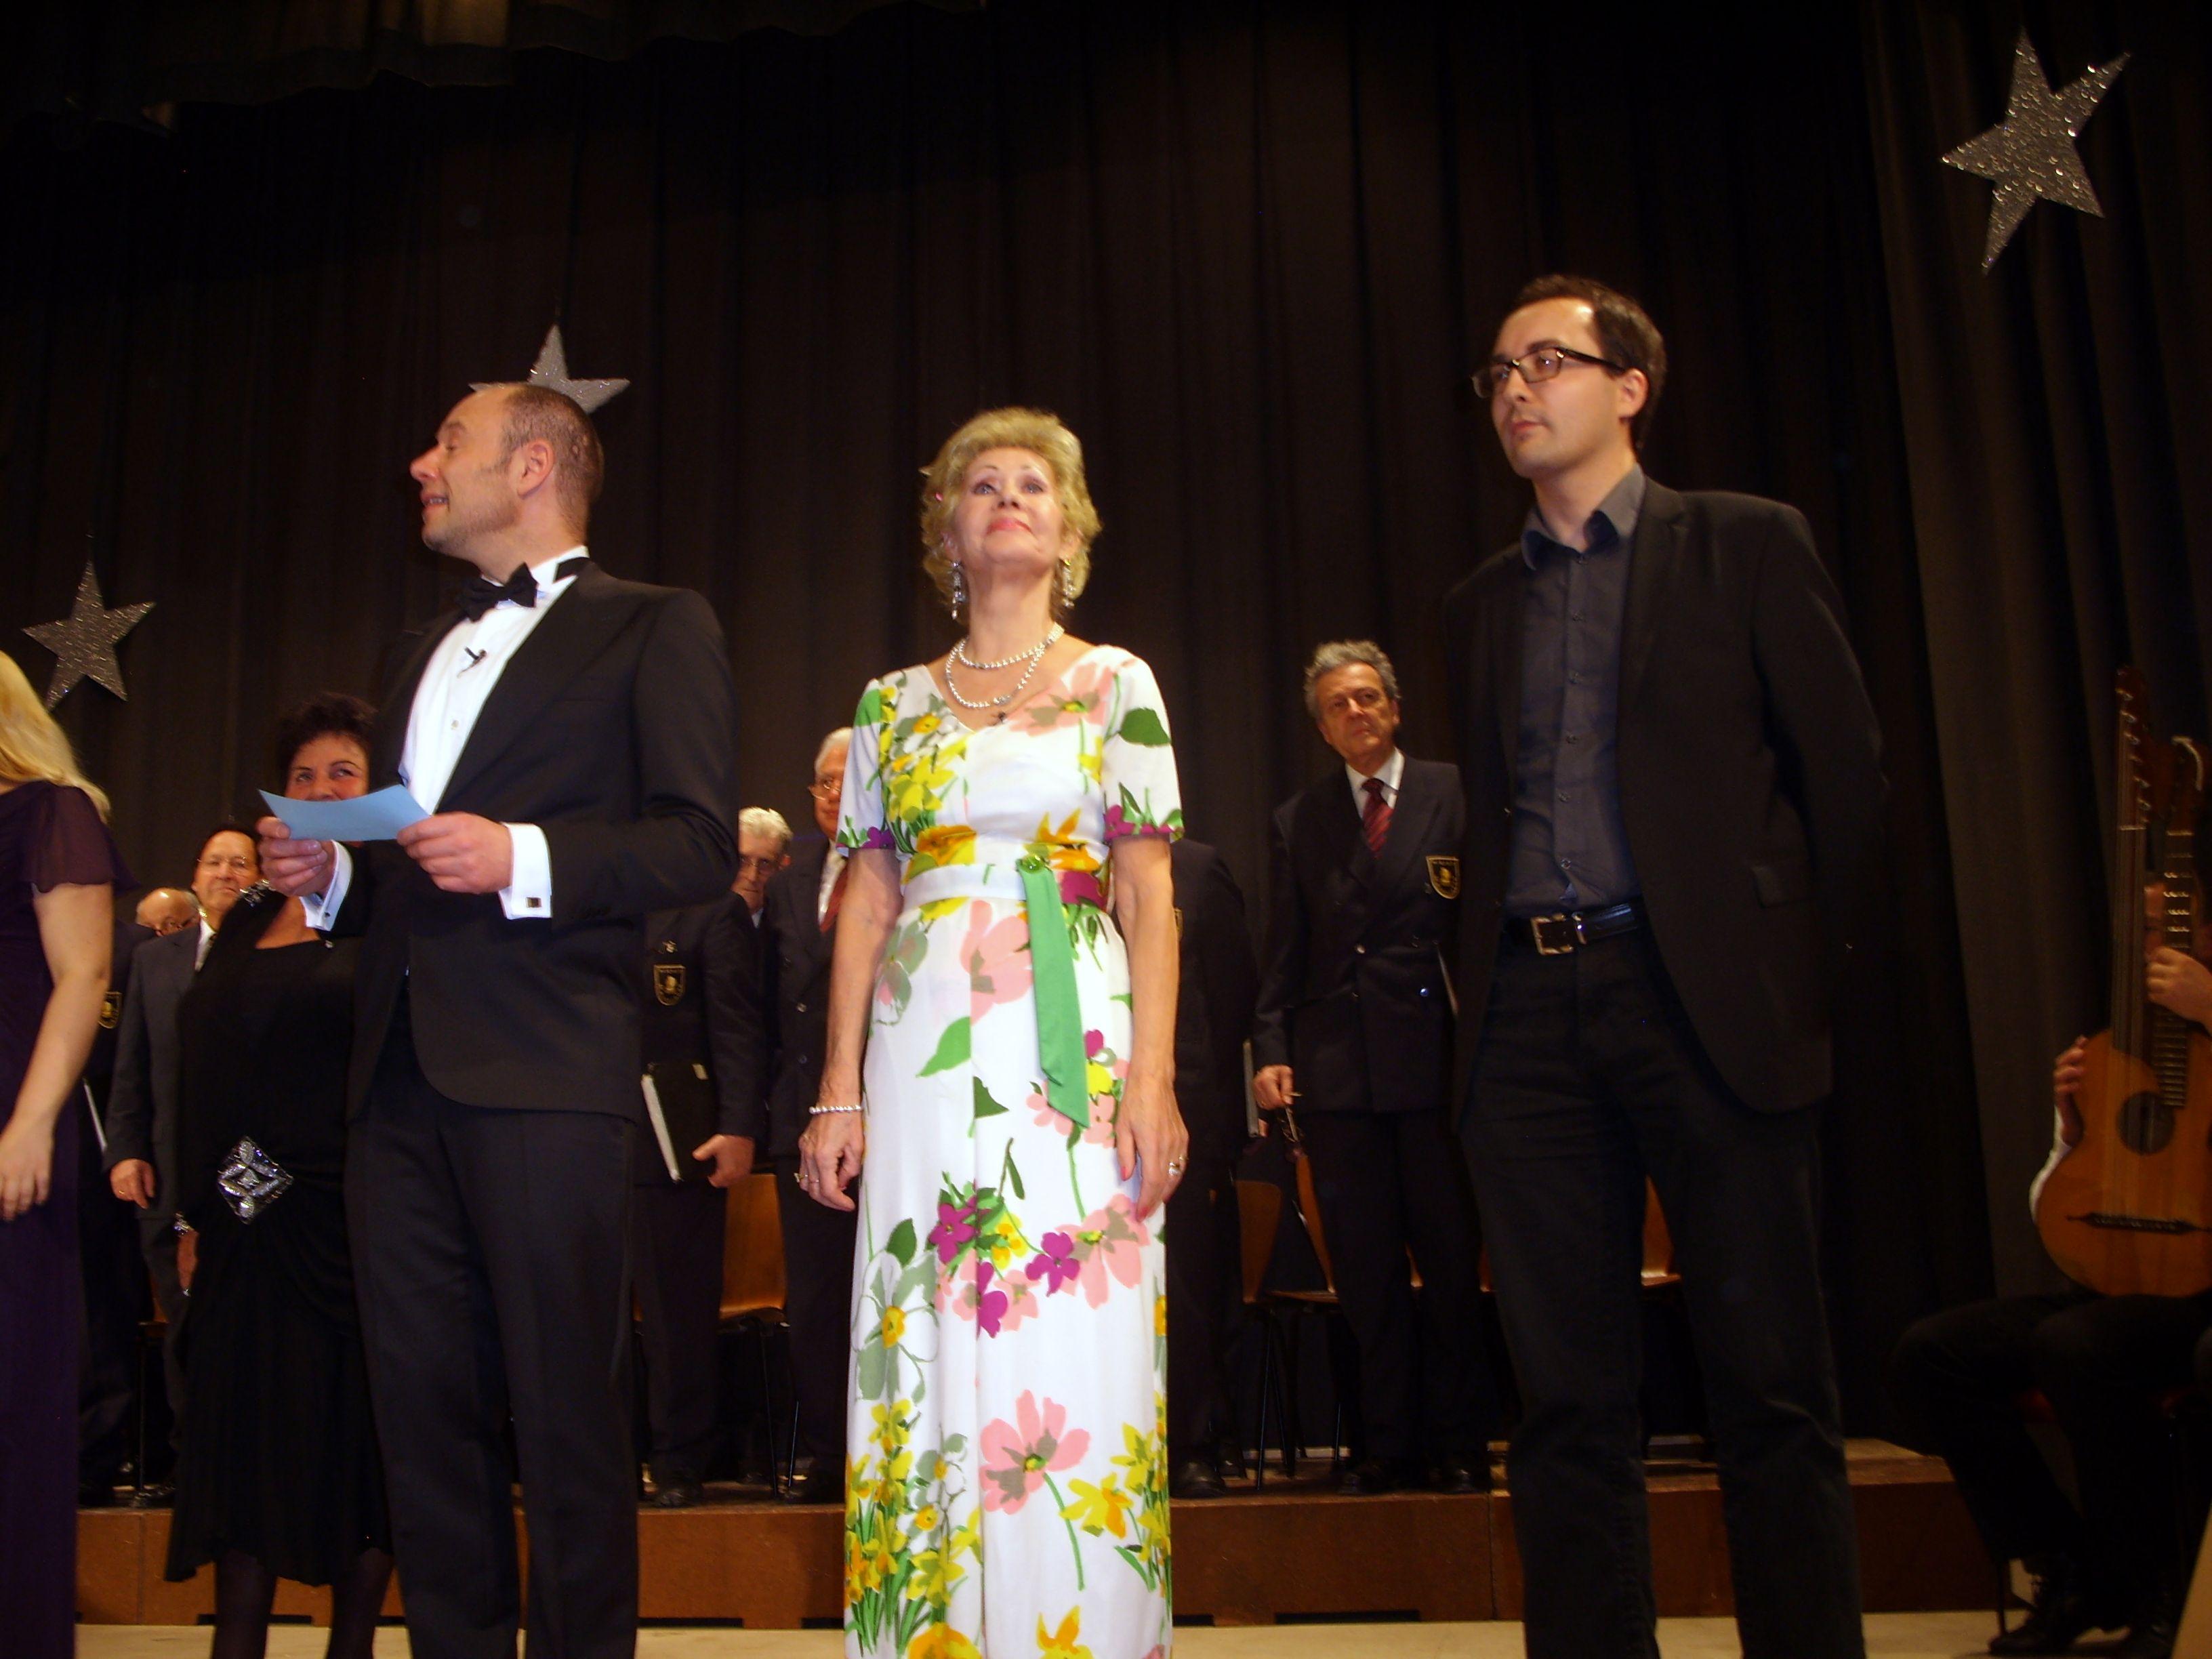 Günther Strahlegger / Ingrid Schlemmer / Reinhard Trinkler